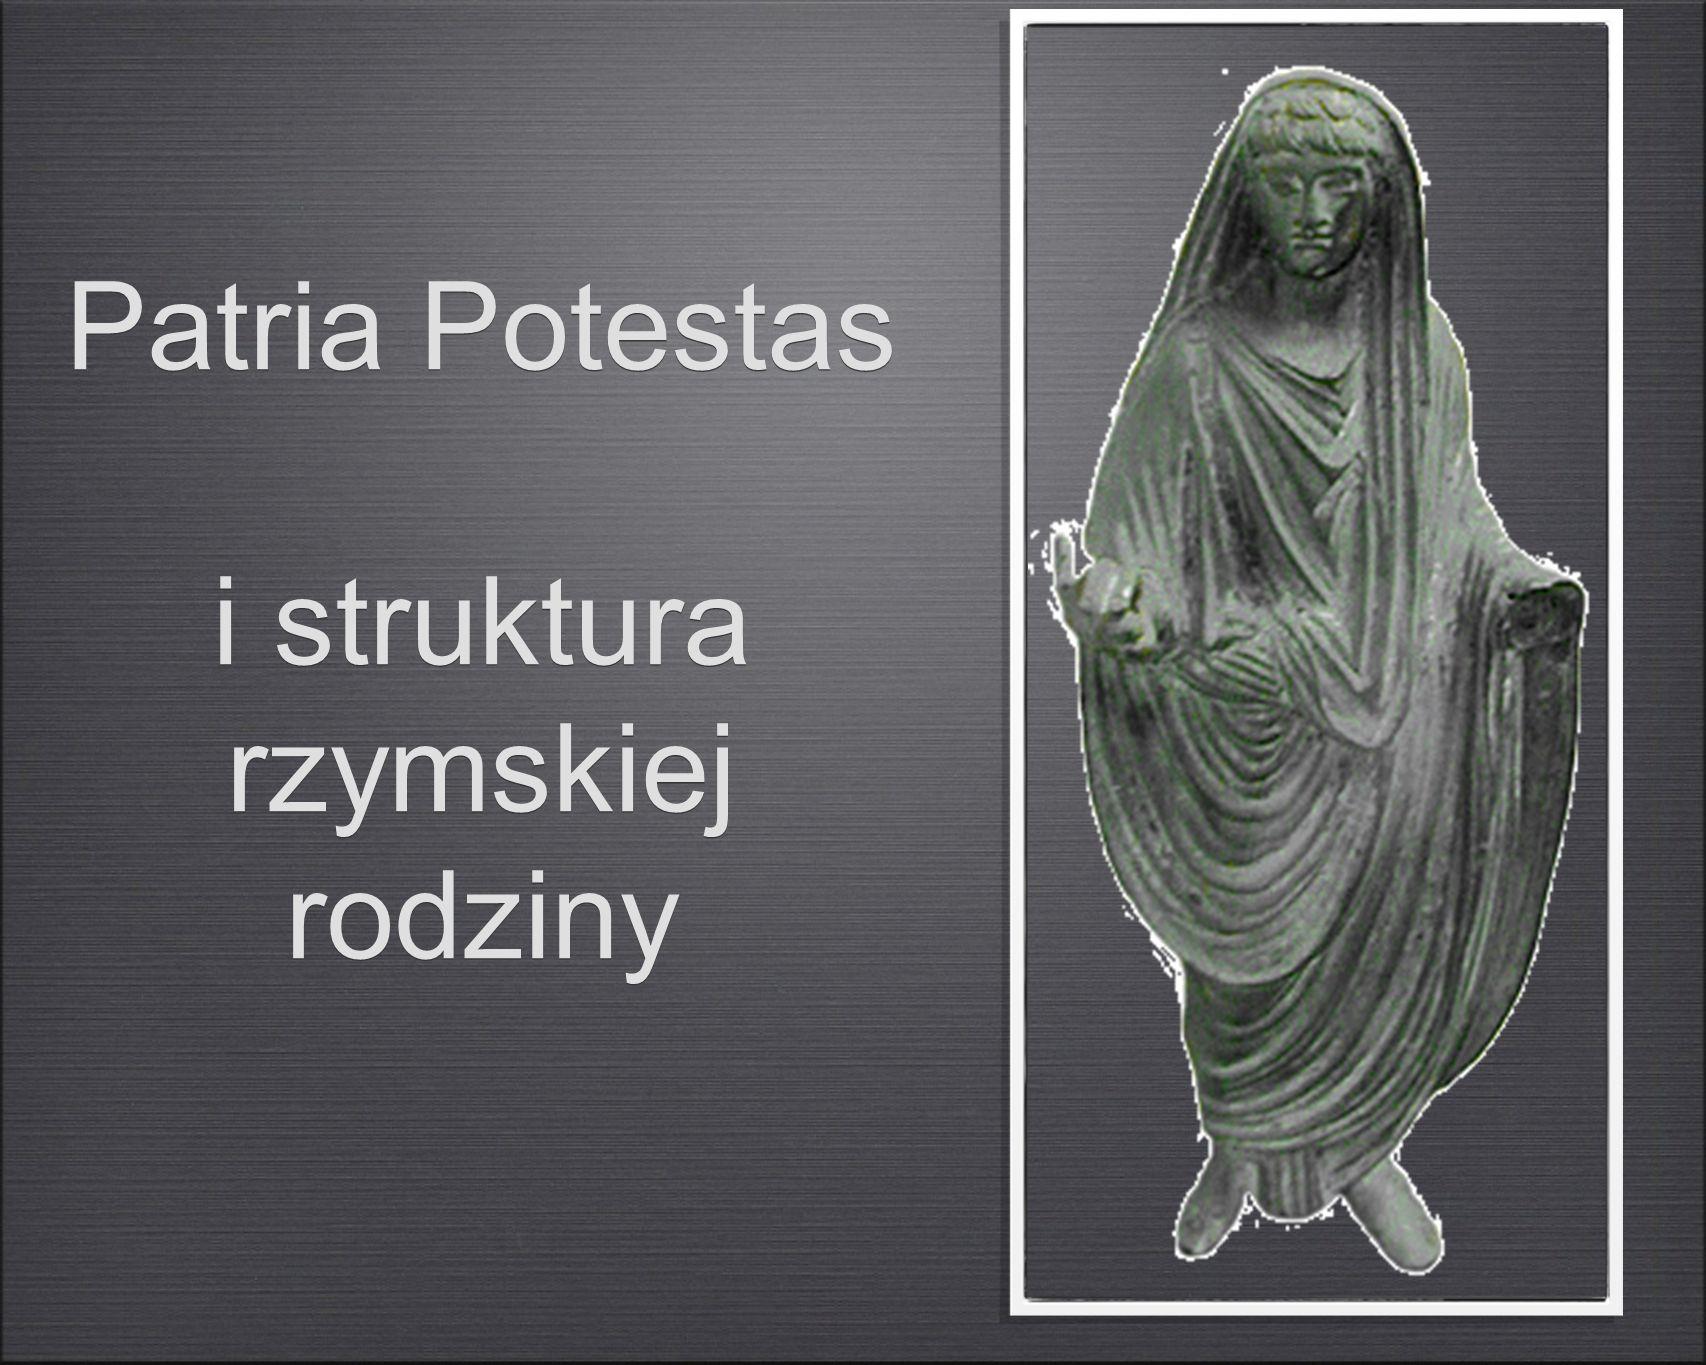 Granice patria potestas 4.– Romulus zmusił obywateli...